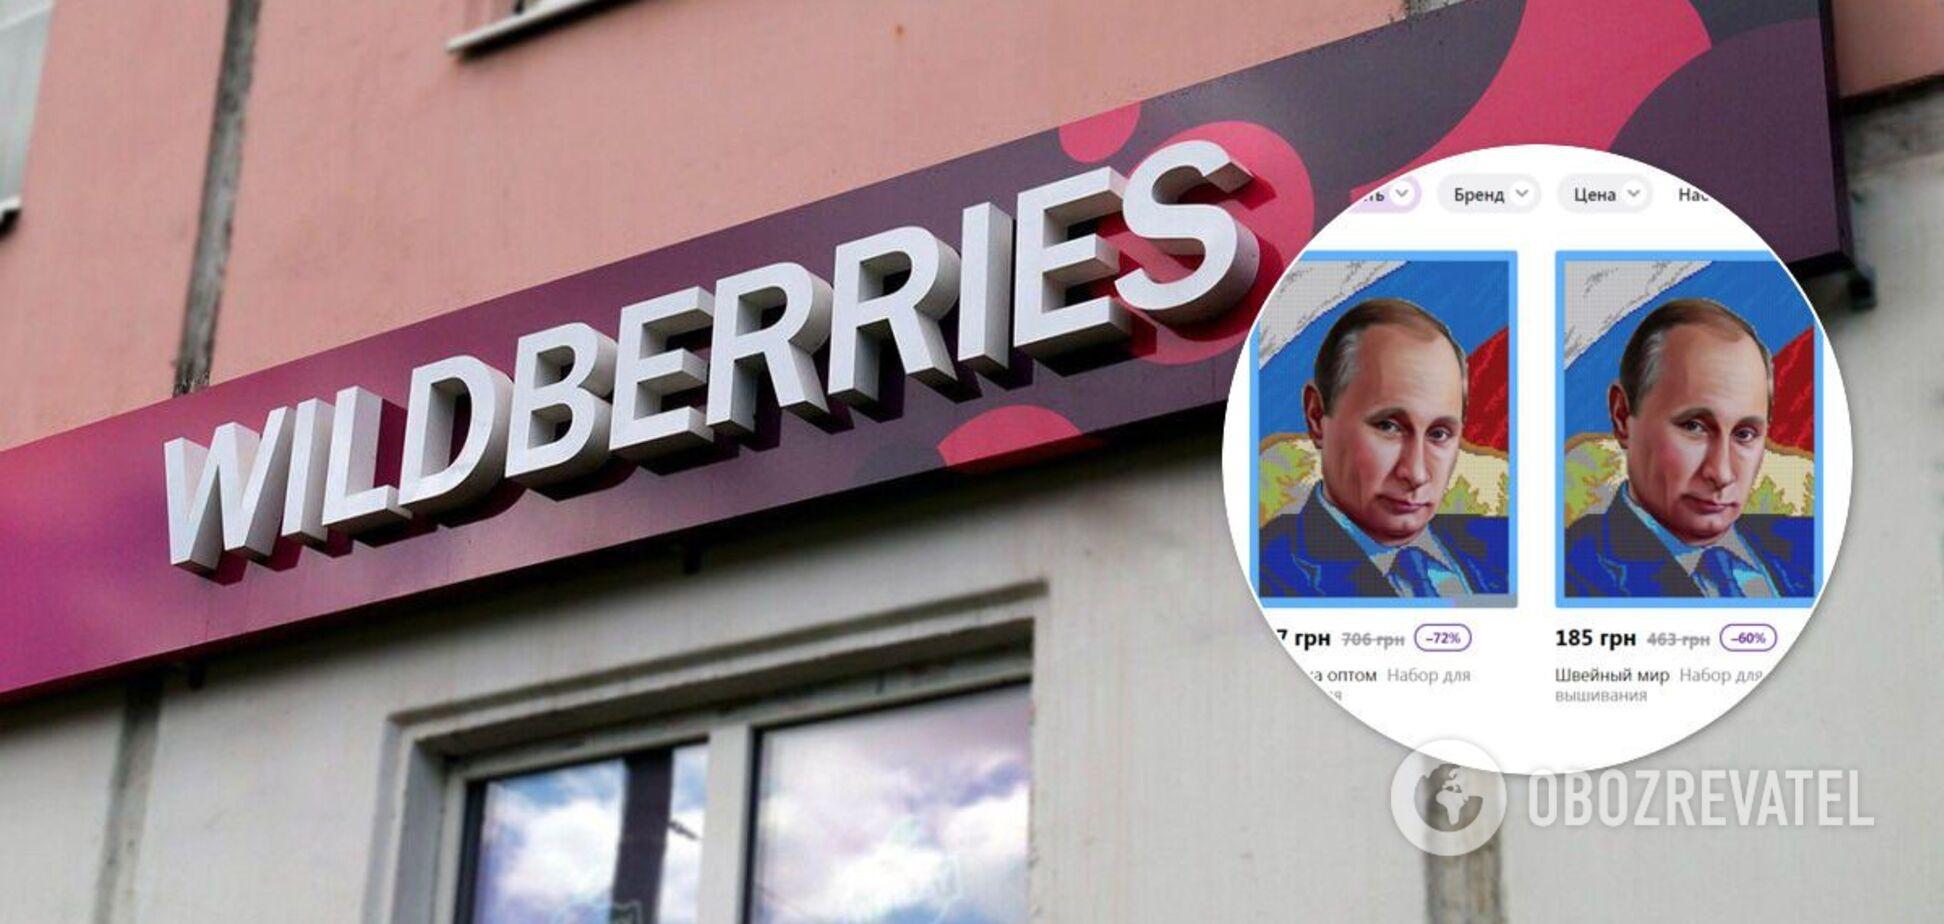 Російський Wildberies почав торгувати в Україні портретами Путіна